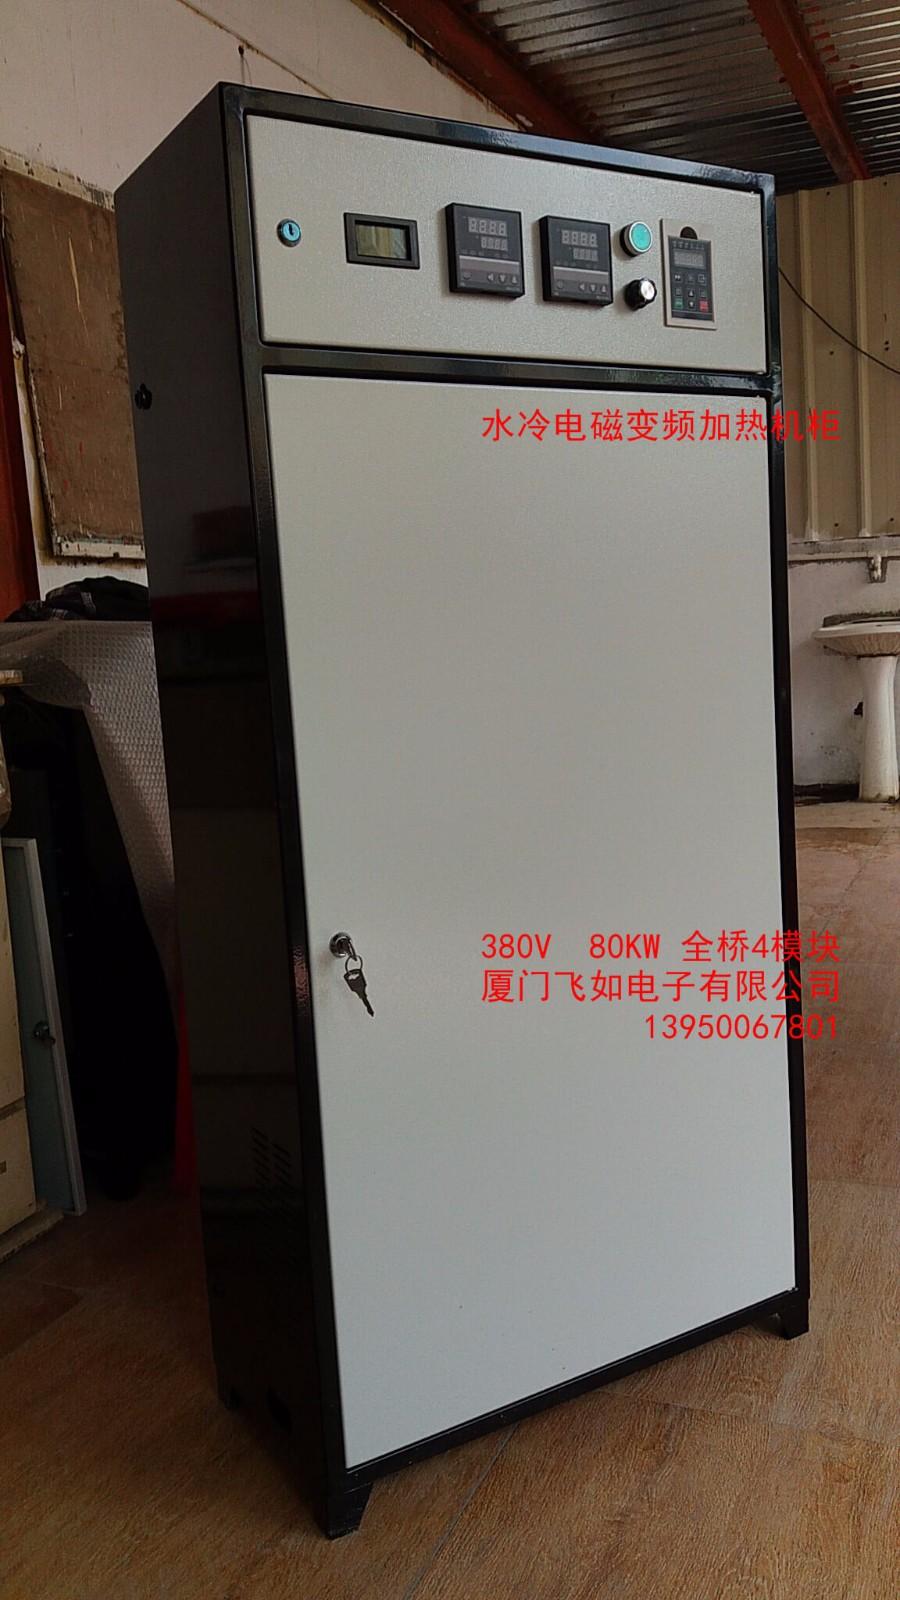 电磁加热水冷机柜80KW